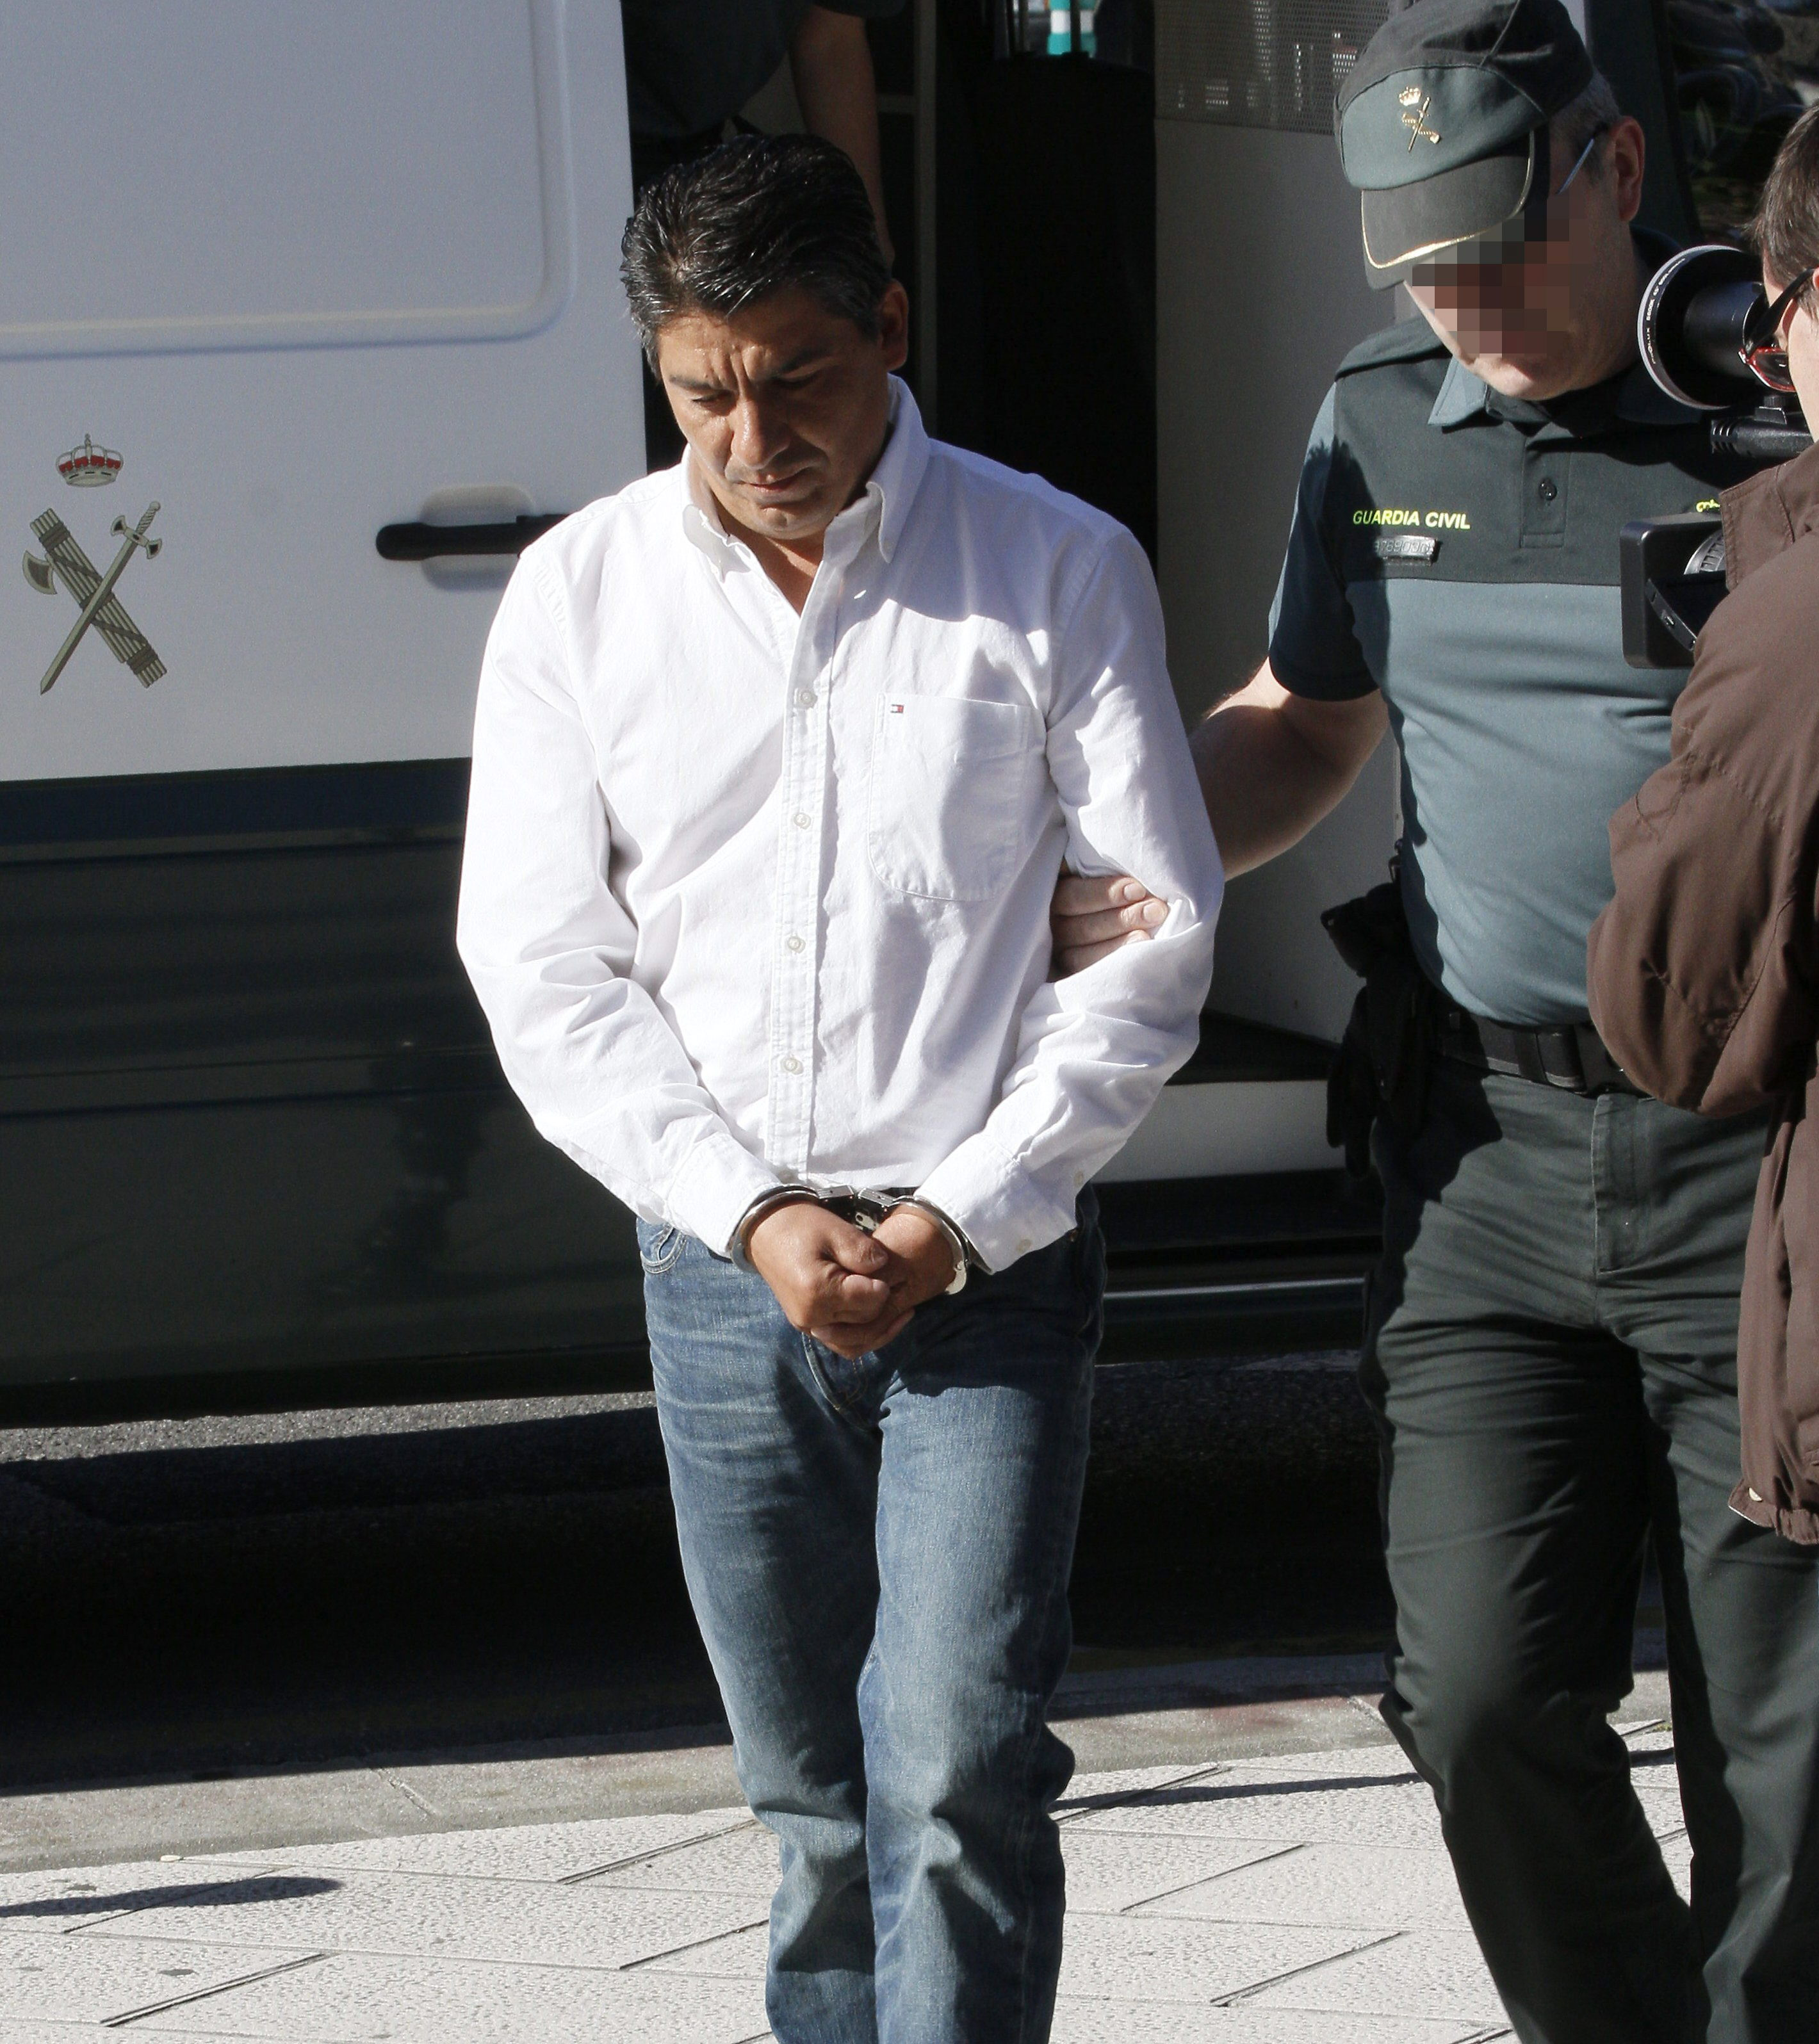 La defensa del docente acusado de matar a su mujer pedirá la libre absolución